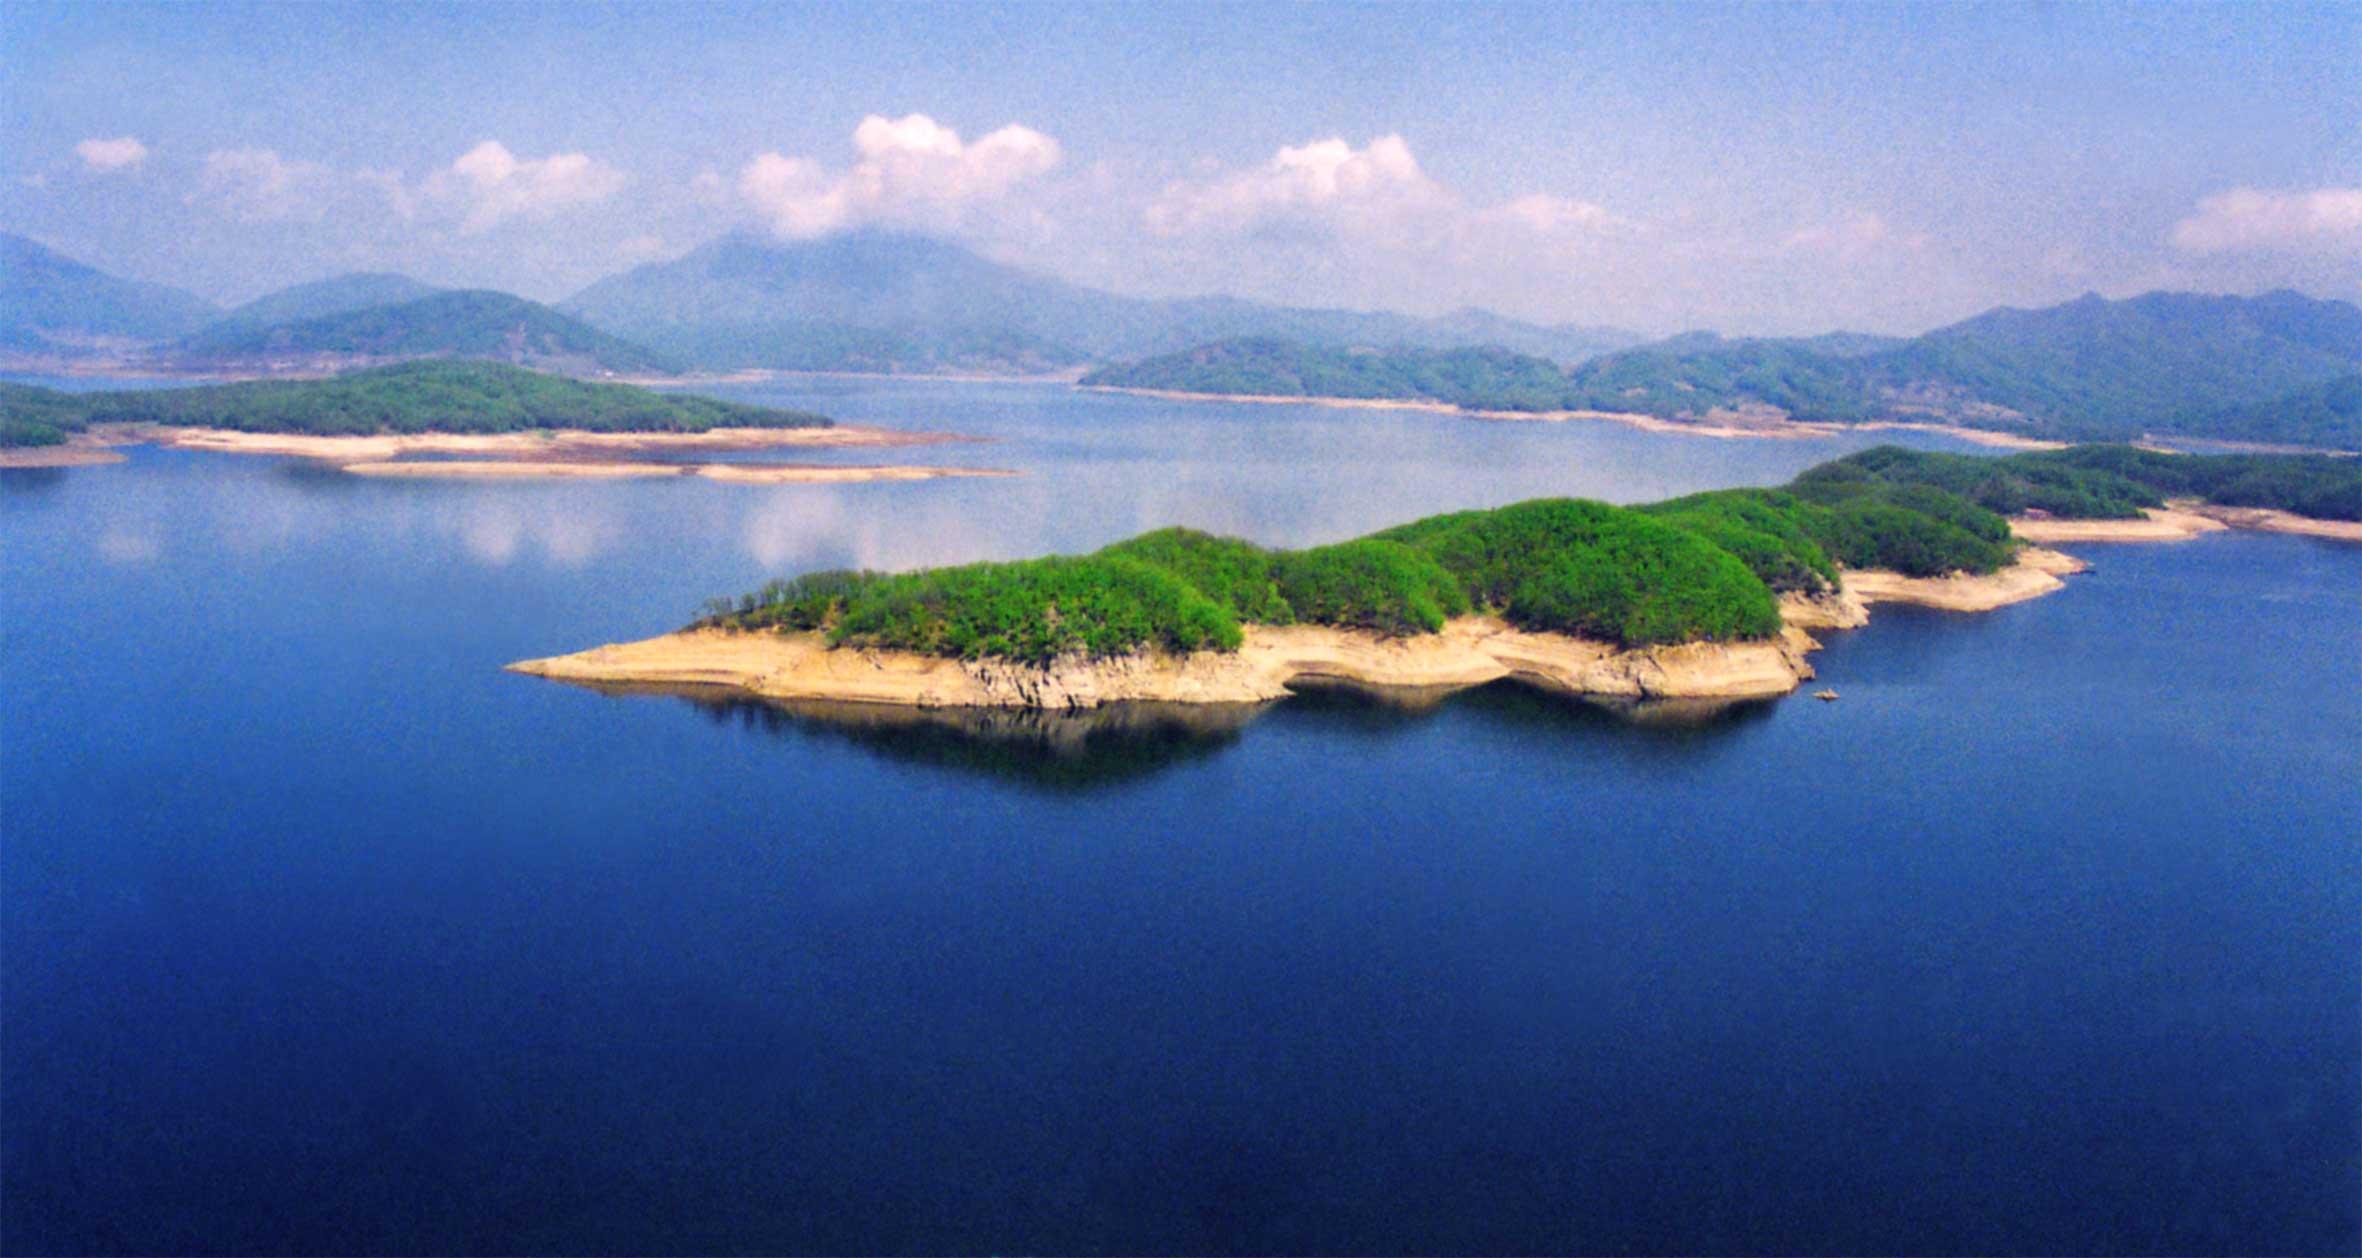 金蟾岛:蜿蜒起伏 宛如一只巨大的金蟾静卧湖中